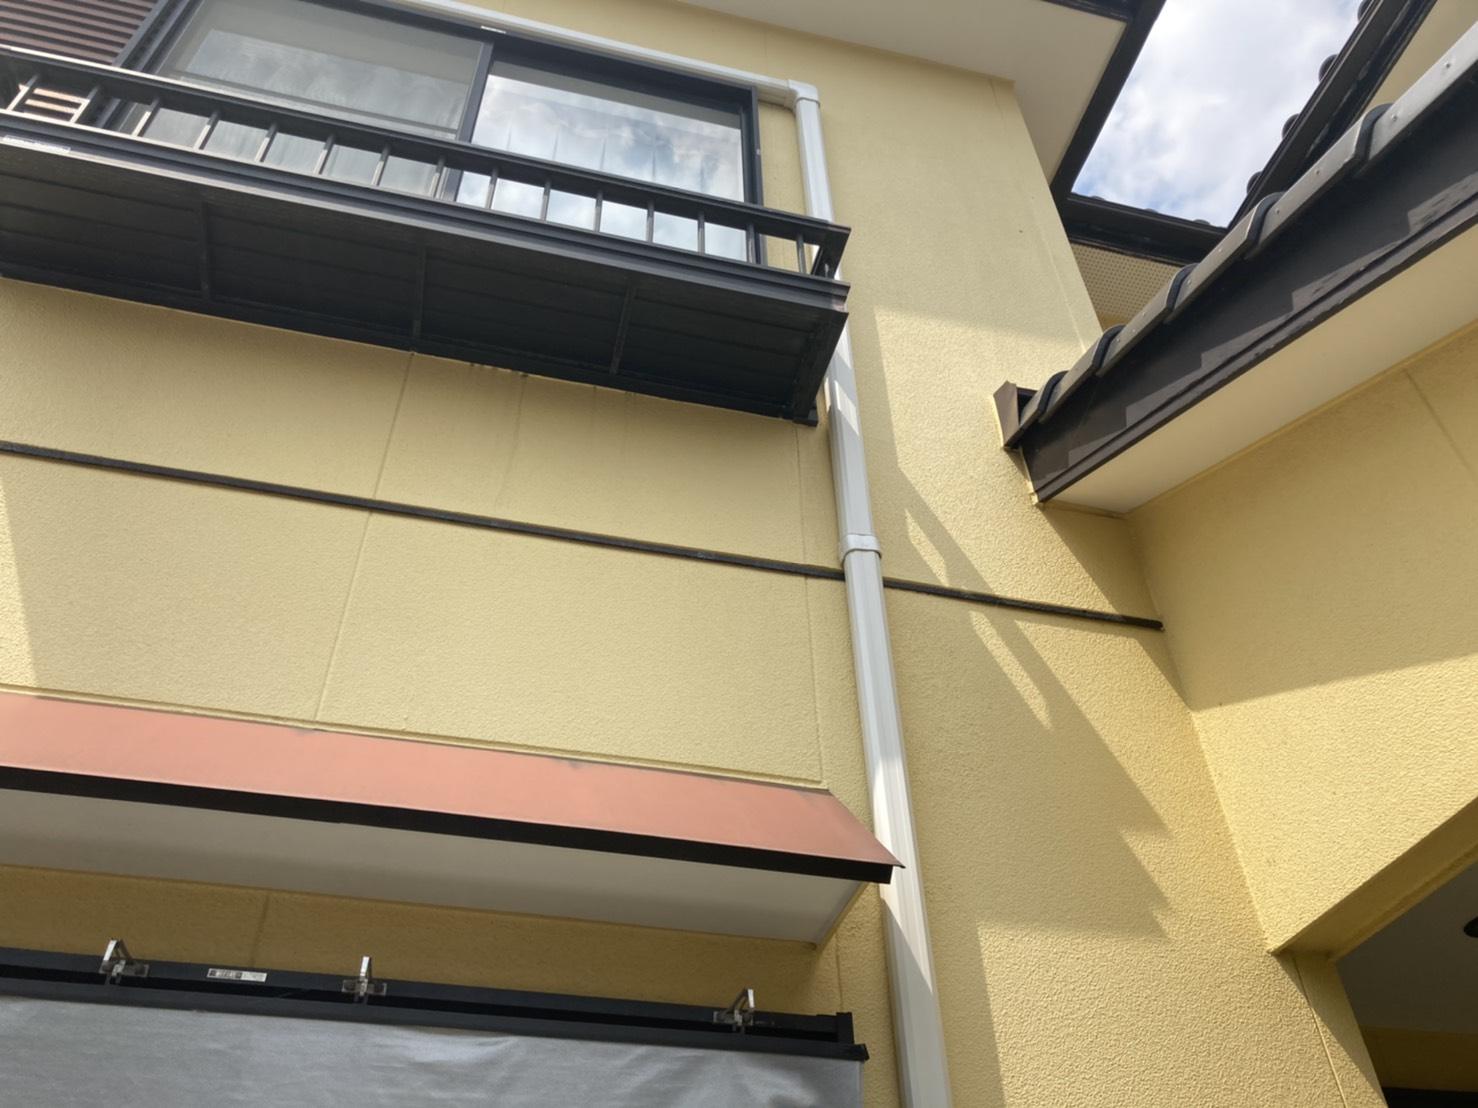 知立市にて外壁無料点検を実施!自分でできる簡単な点検は?